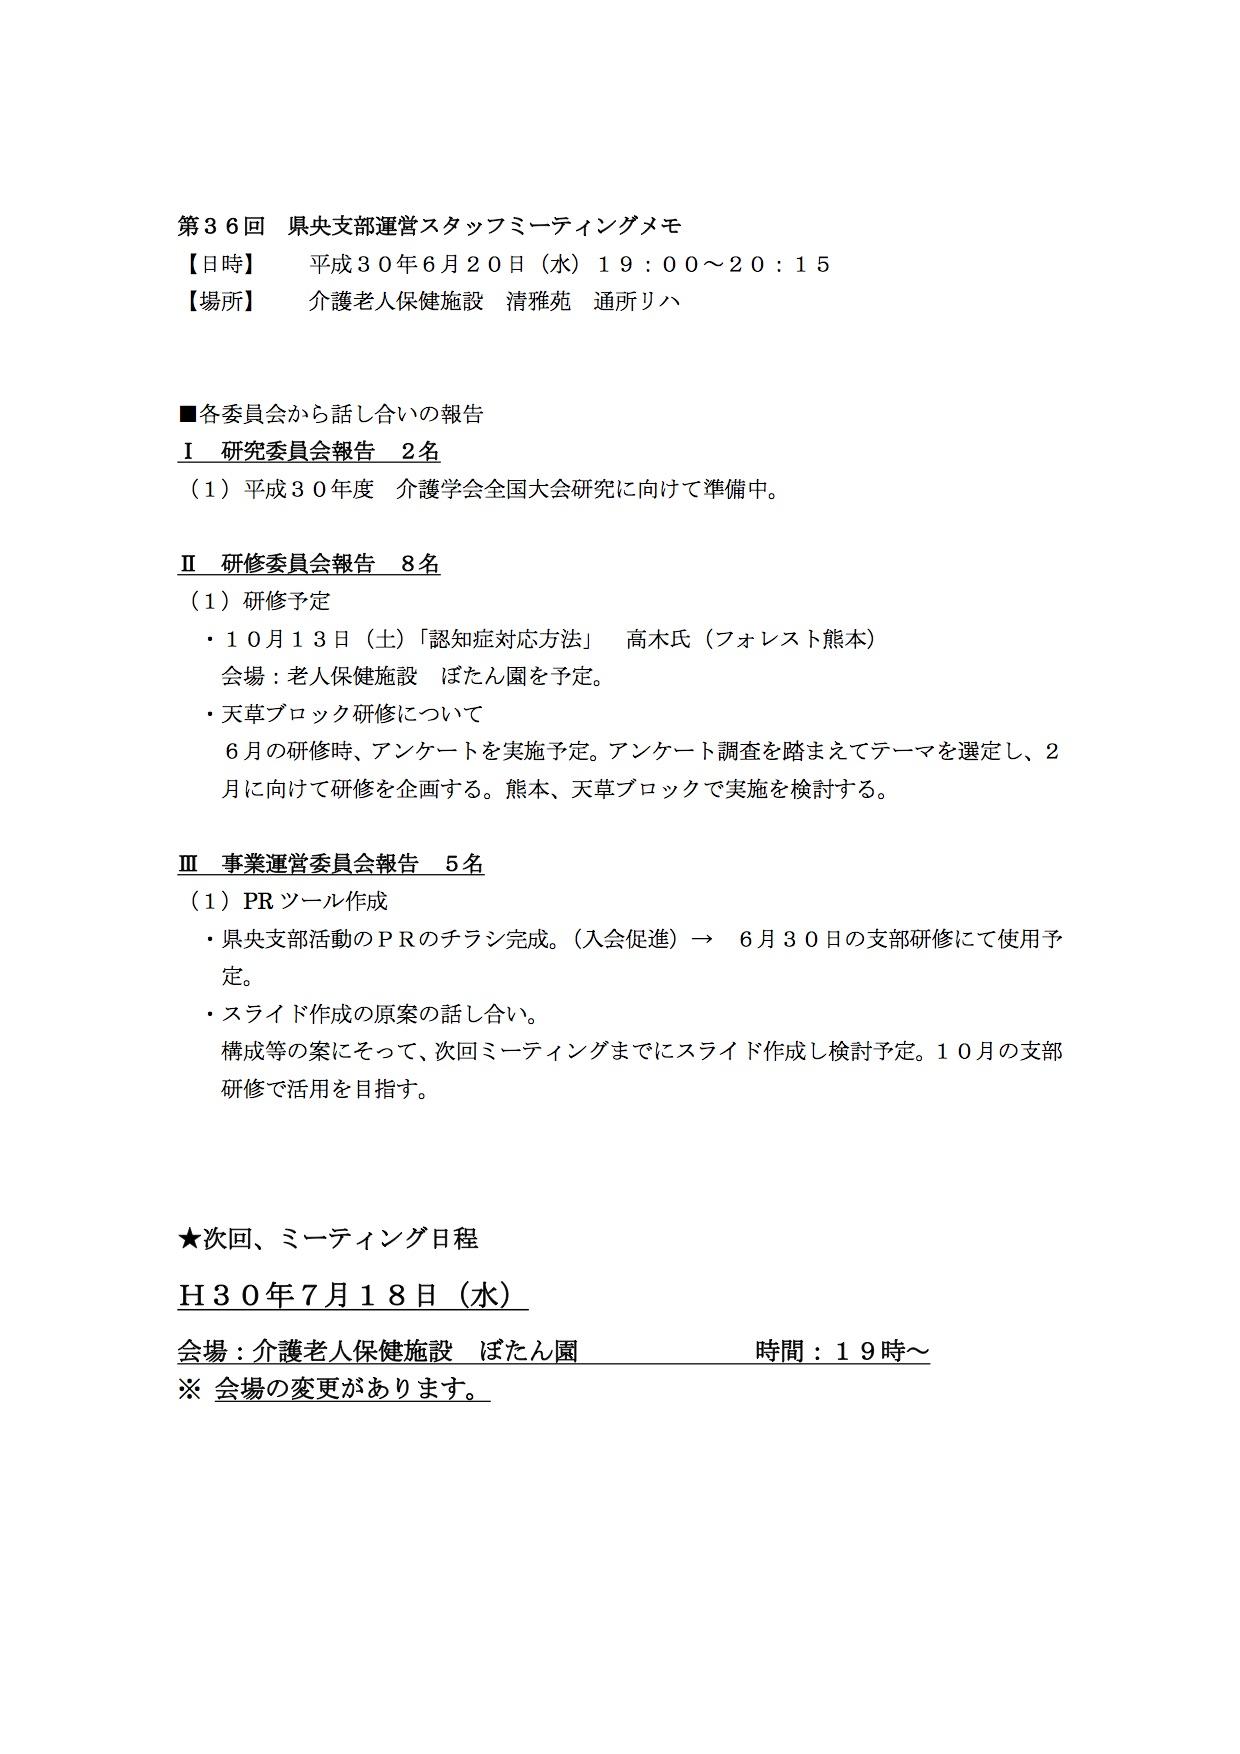 H30.6月26日県央支部スタッフミーティングメモ